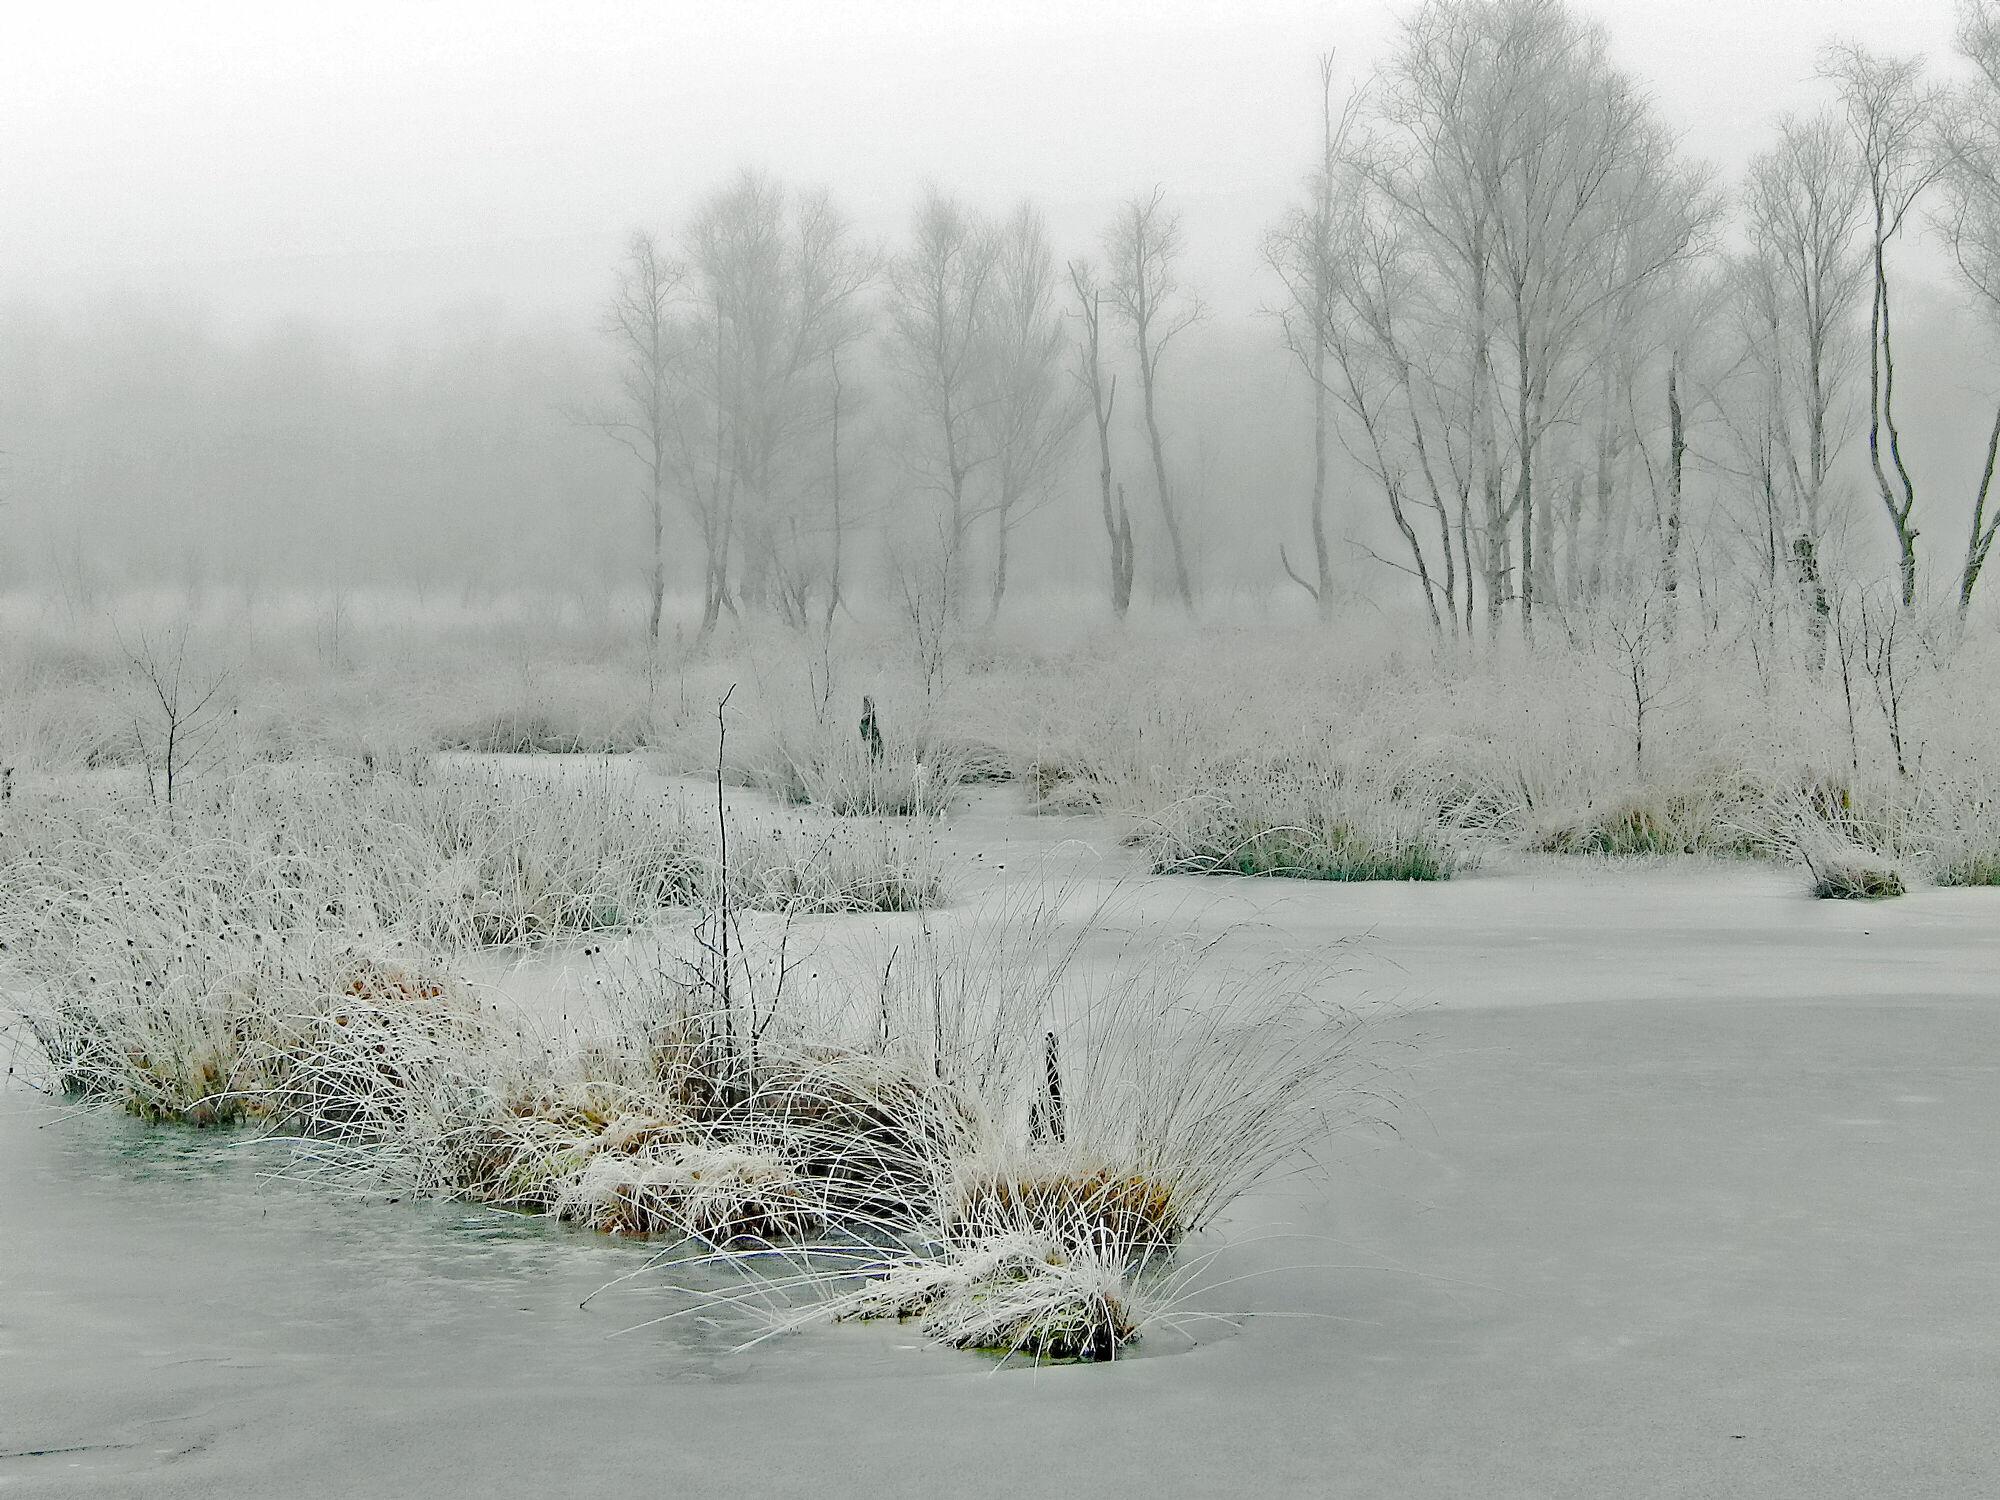 Bild mit Gräser, Bäume, Winter, Eis, Birken, Nebel, Moor, Lebensgefahr